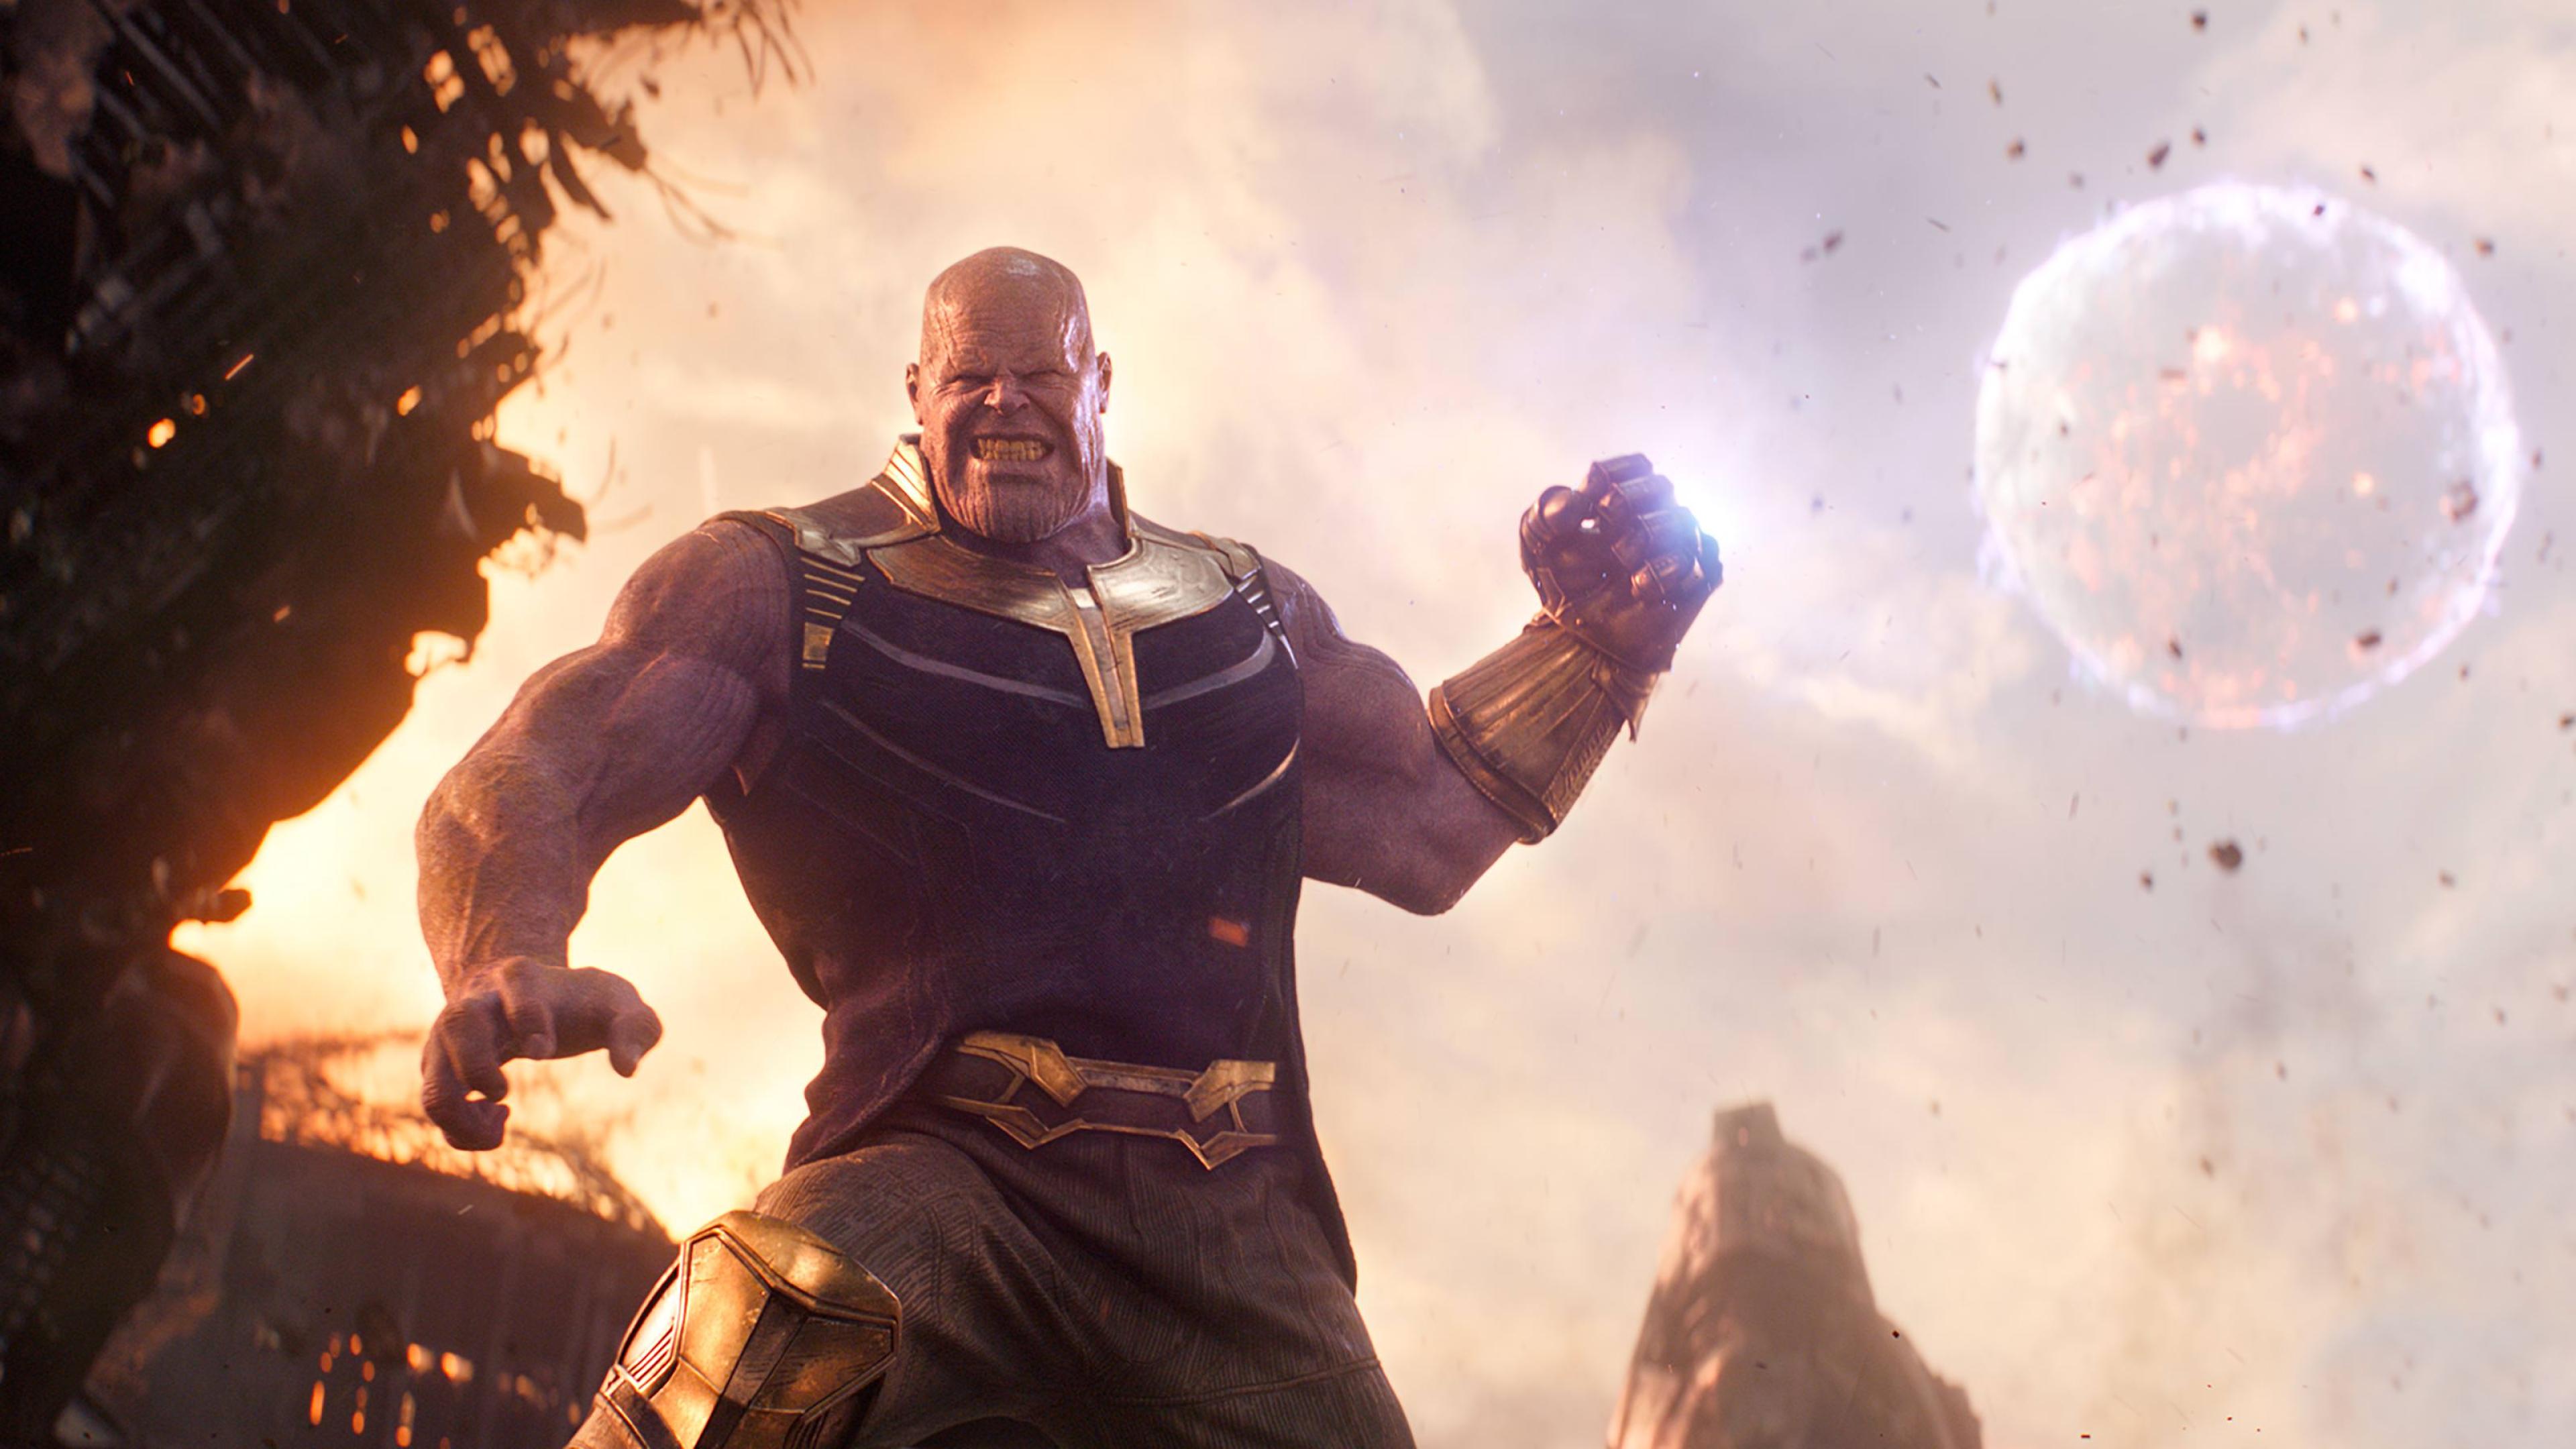 Avengers Infinity War 2018 Thanos 4k Ultra Hd Wallpaper